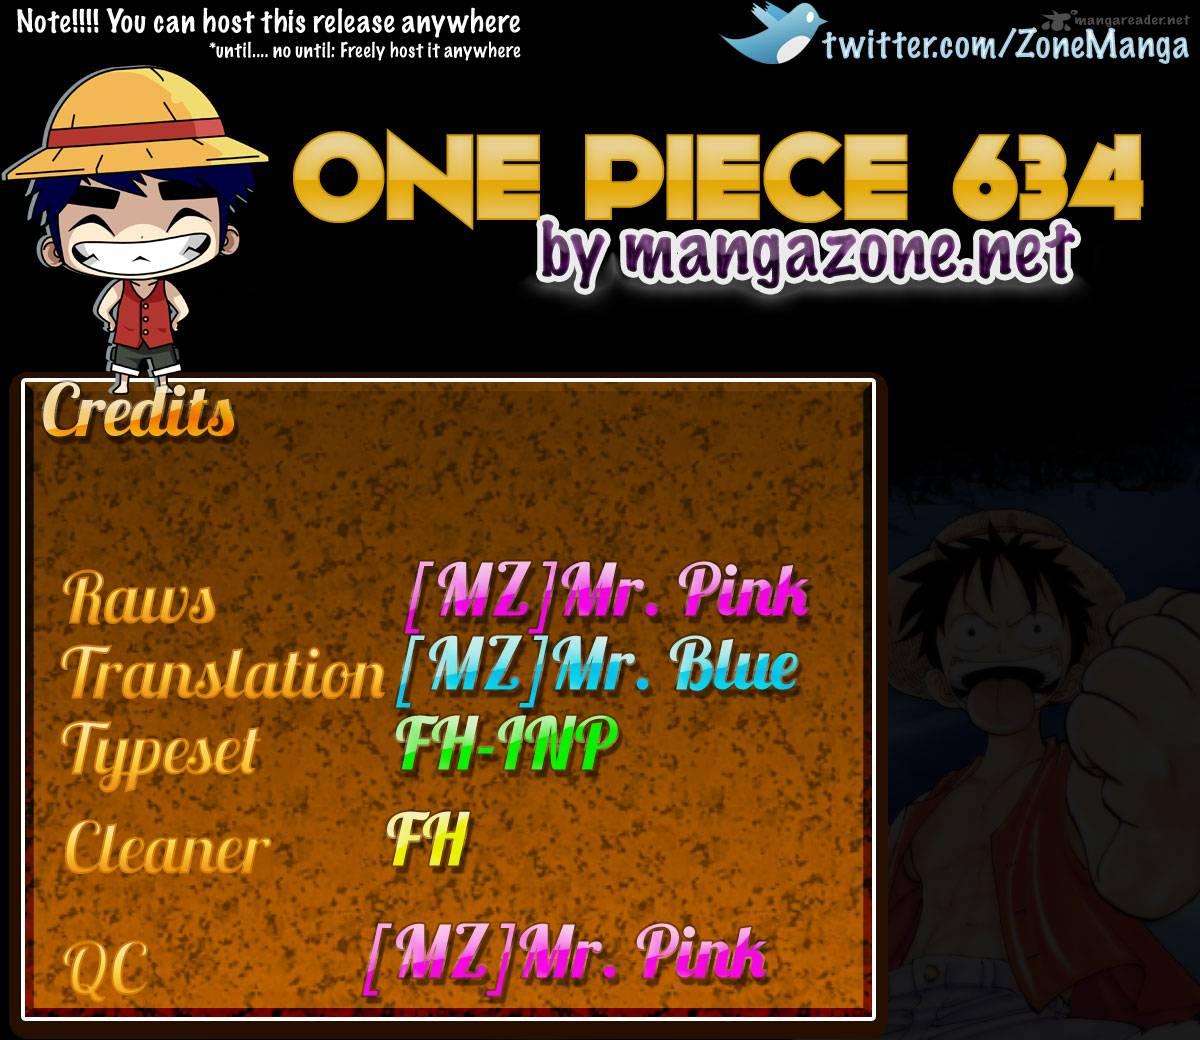 One Piece 634